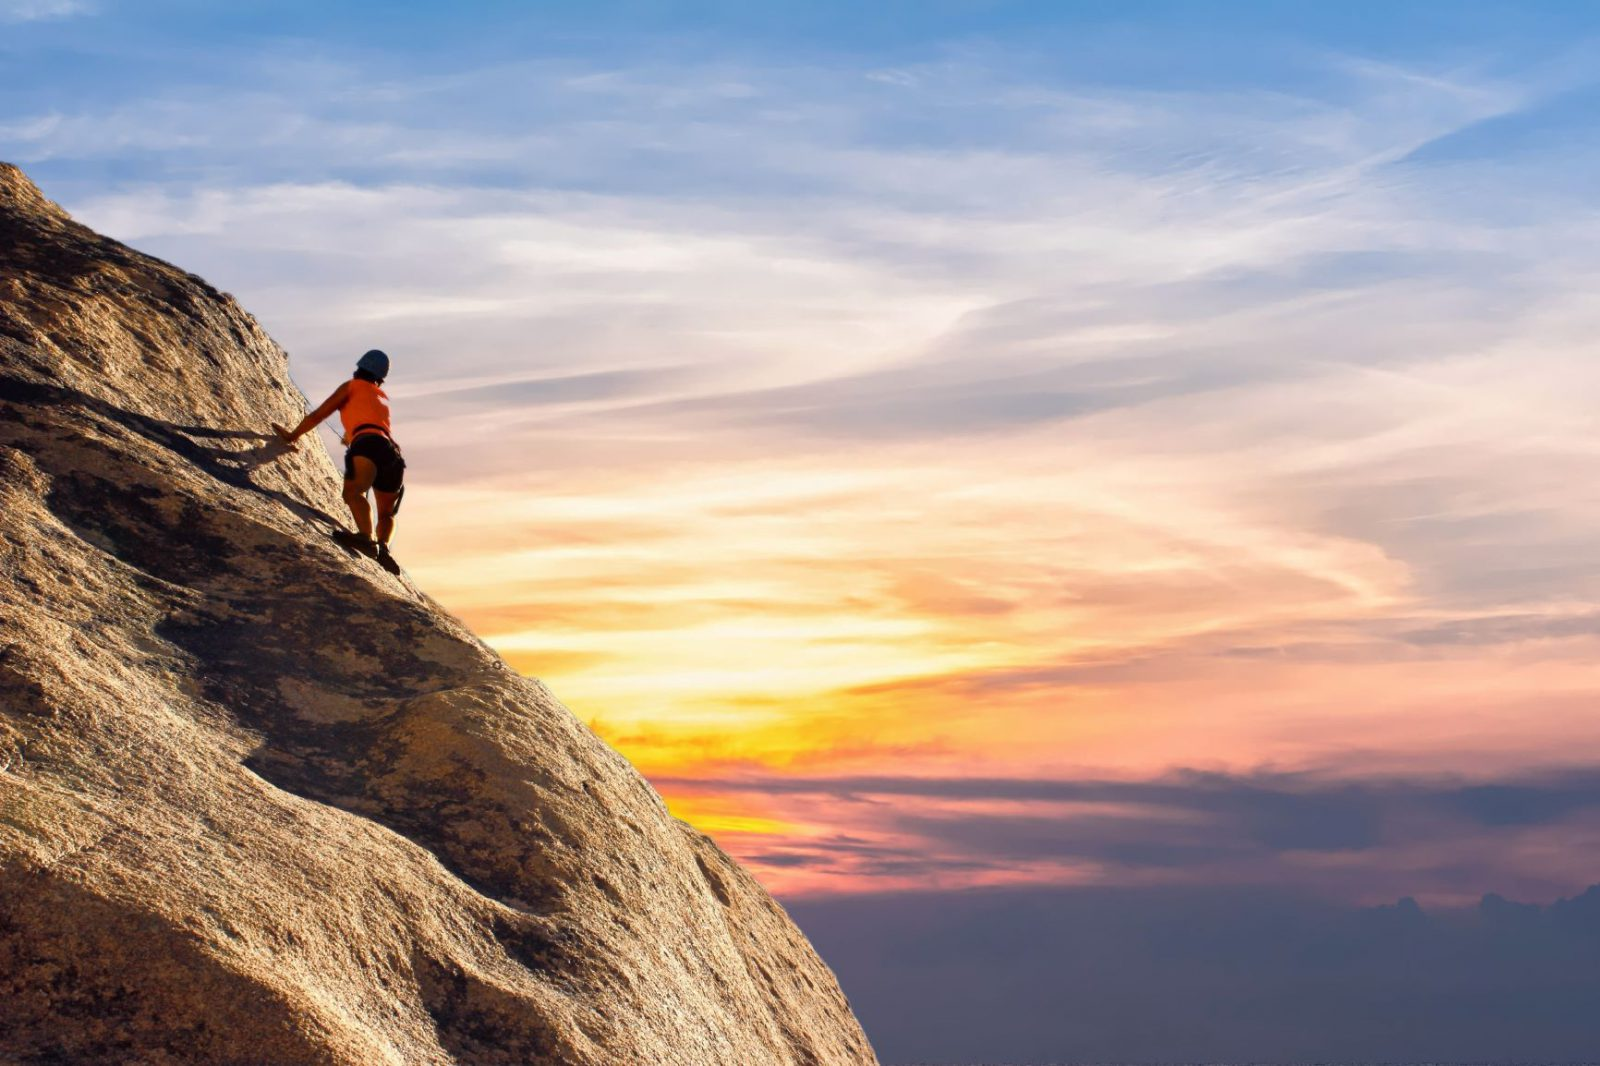 Afbeelding van een bergbeklimmer. Coach worden is bergen beklimmen